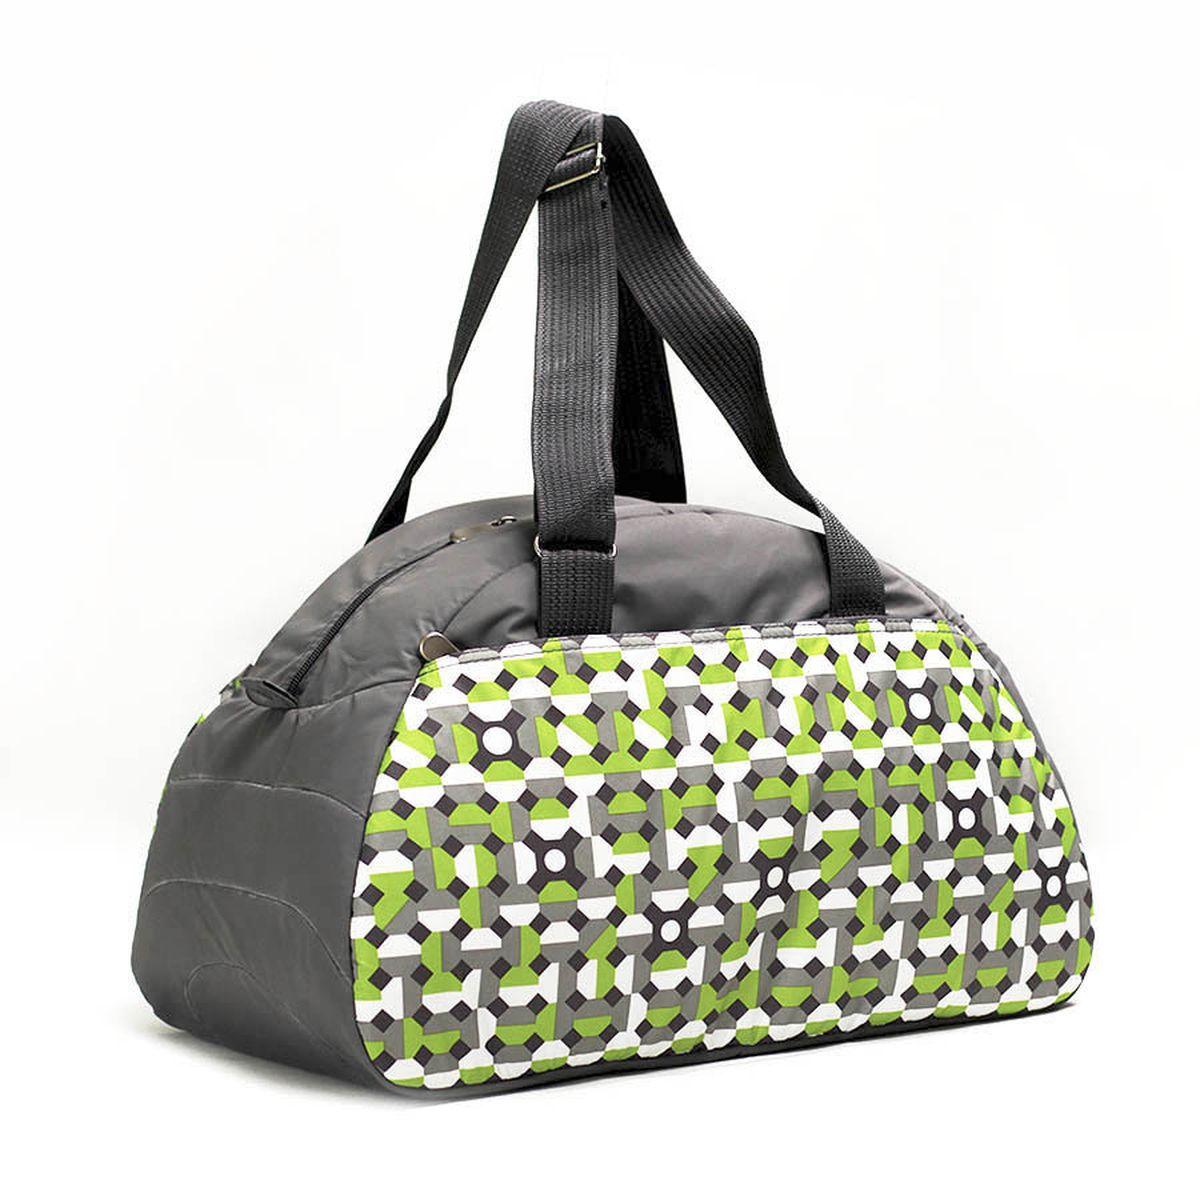 Сумка спортивная Polar, цвет: серый, зеленый, 28 л. 60206020_серый, зеленыйСпортивная сумка имеет одно большое отделение, внутри которого один карман на молнии. Снаружи один большой карман на молнии. Длина ручек регулируется по необходимой длине, что позволяет носить сумку как в руках, так и на плече. \Максимальная высота ручек- 35 см. Съемного плечевого ремня нет.